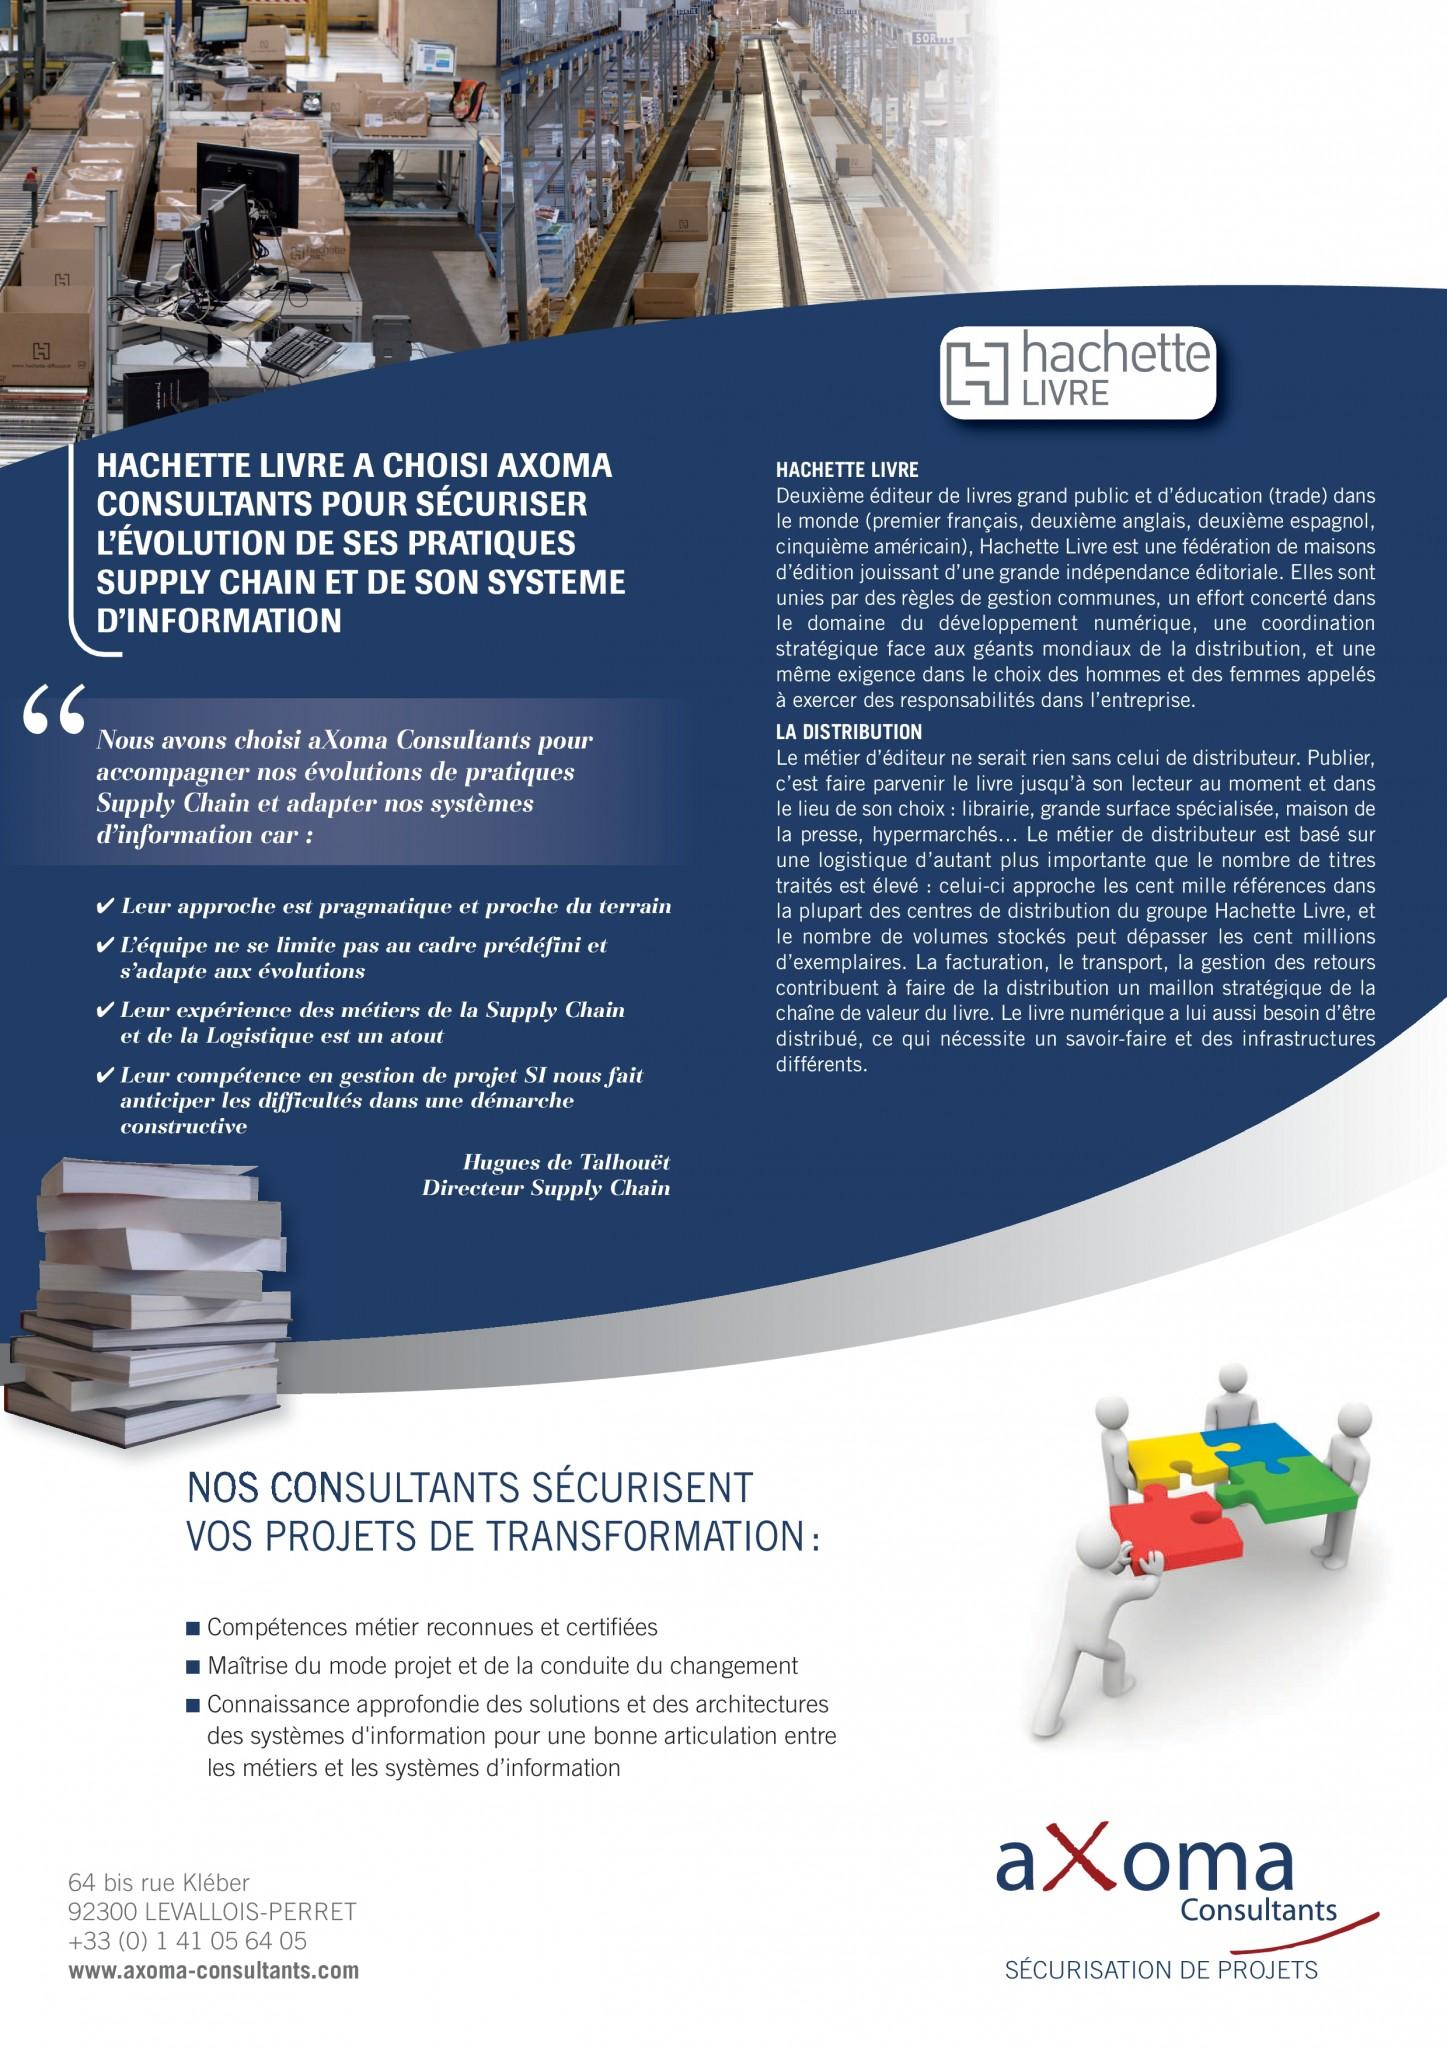 aXoma-Consultants-et-Hachette-Livre